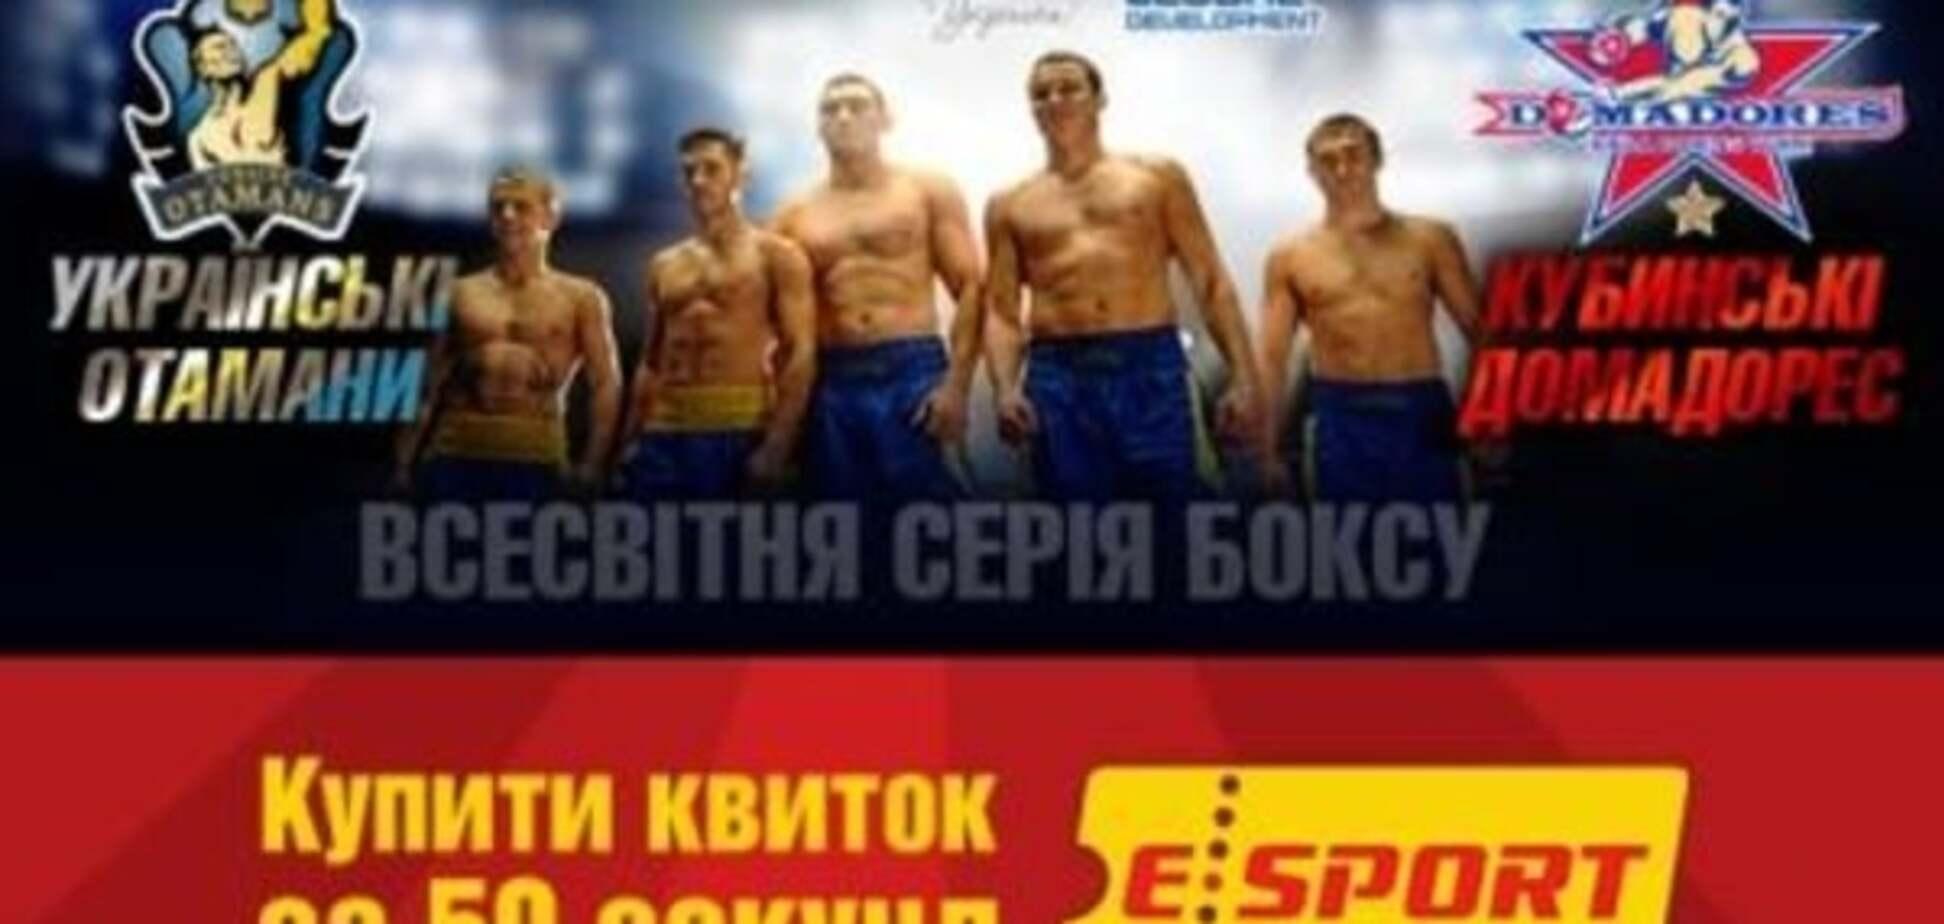 Купить билеты на матч 'Украинские атаманы' - 'Кубинские укротители'